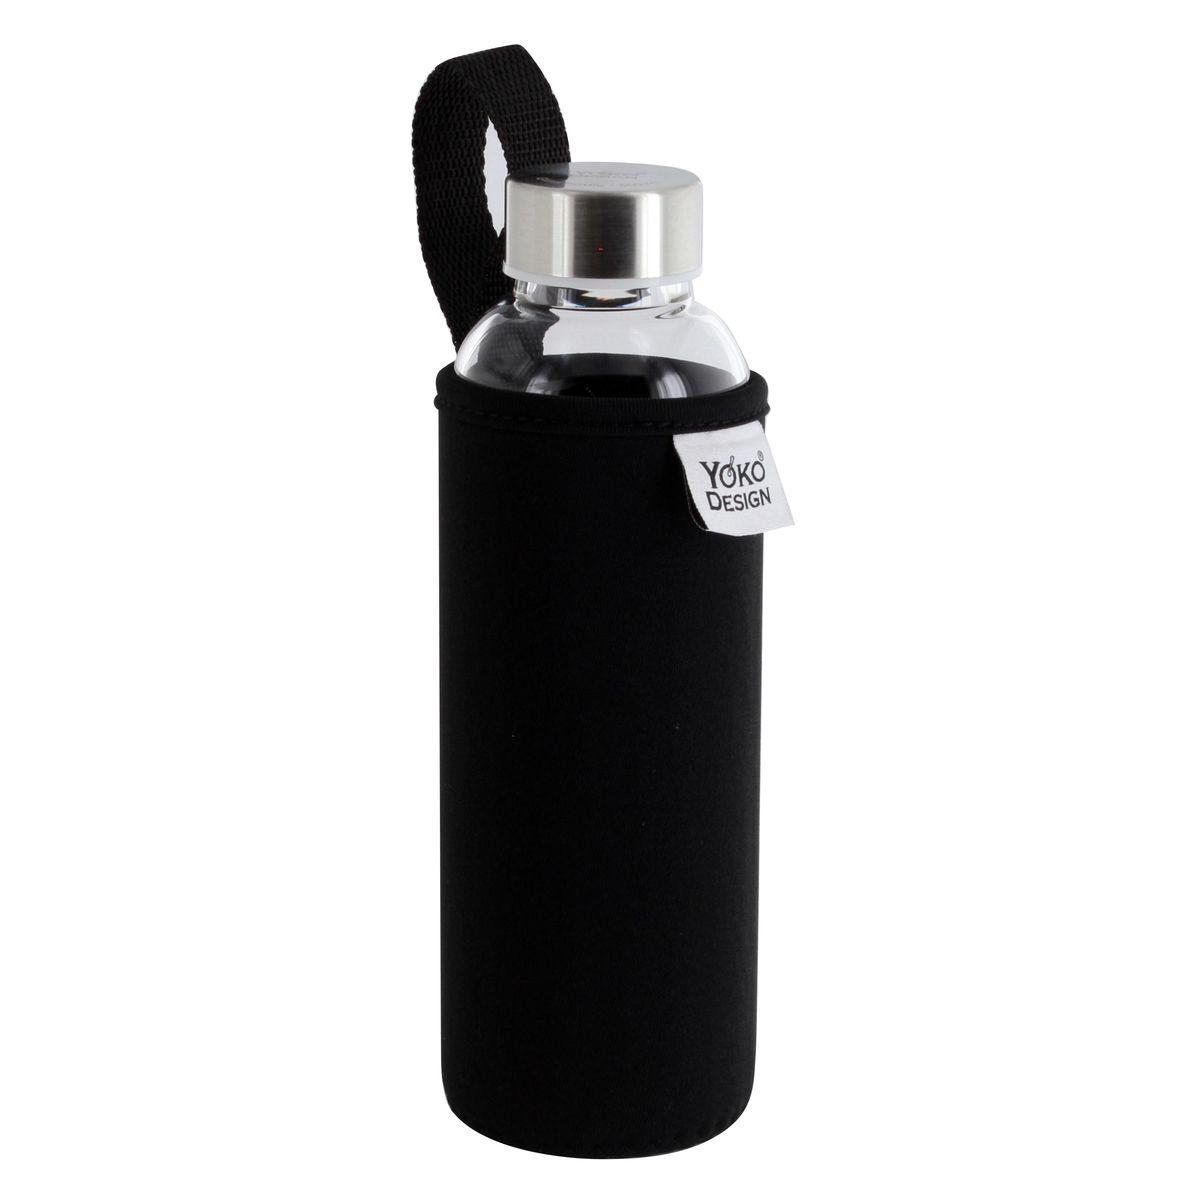 Bouteille en verre avec pochette néoprène noire 500ml - Yoko Design